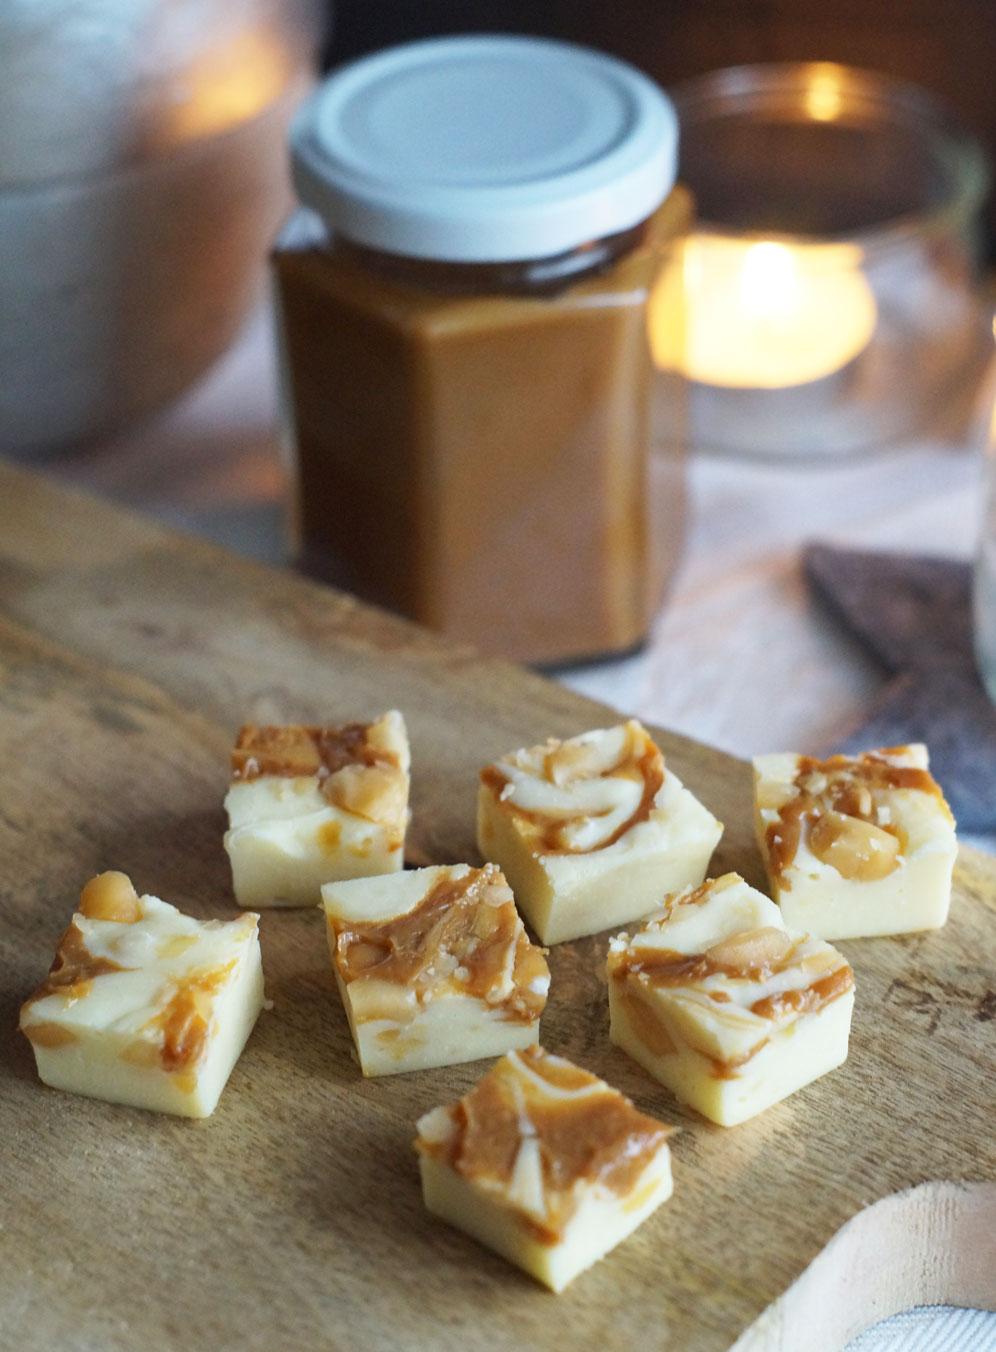 Fudge mit Dulce de Leche und gesalzenen Macadamia-Nüssen